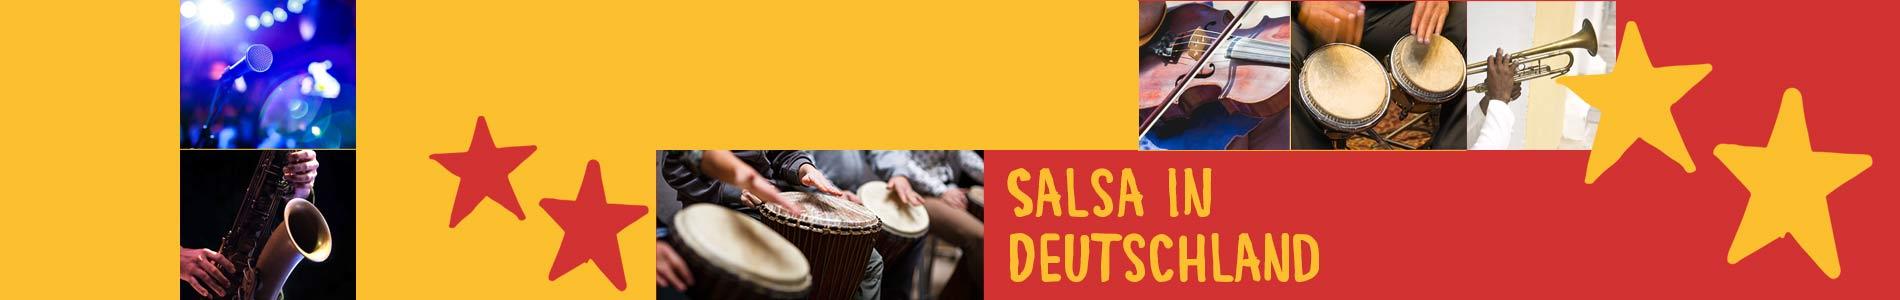 Salsa in Delligsen – Salsa lernen und tanzen, Tanzkurse, Partys, Veranstaltungen